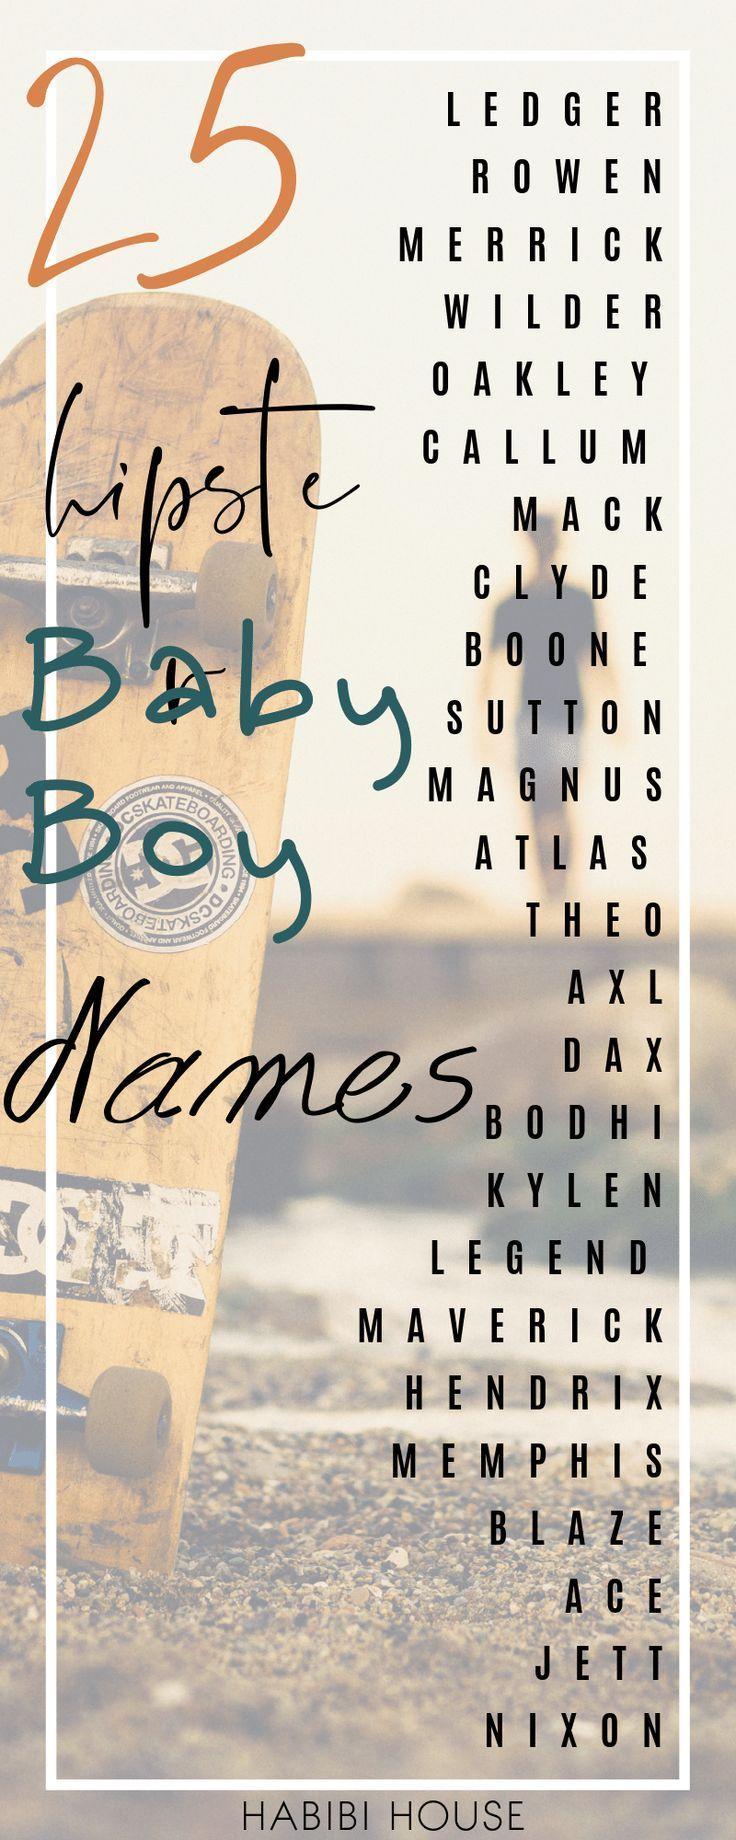 Jungennamen: 25 ungewöhnliche Jungennamen, die es 2019 töten! -  Sie müssen diese sehr einzigartige Babynamensliste für die Hippie-Eltern sehen. Tausendjährige E - #babyboy #babygirl #babymusthaves #babynames #die #jungennamen #toten #ungewohnliche #babynamesboy